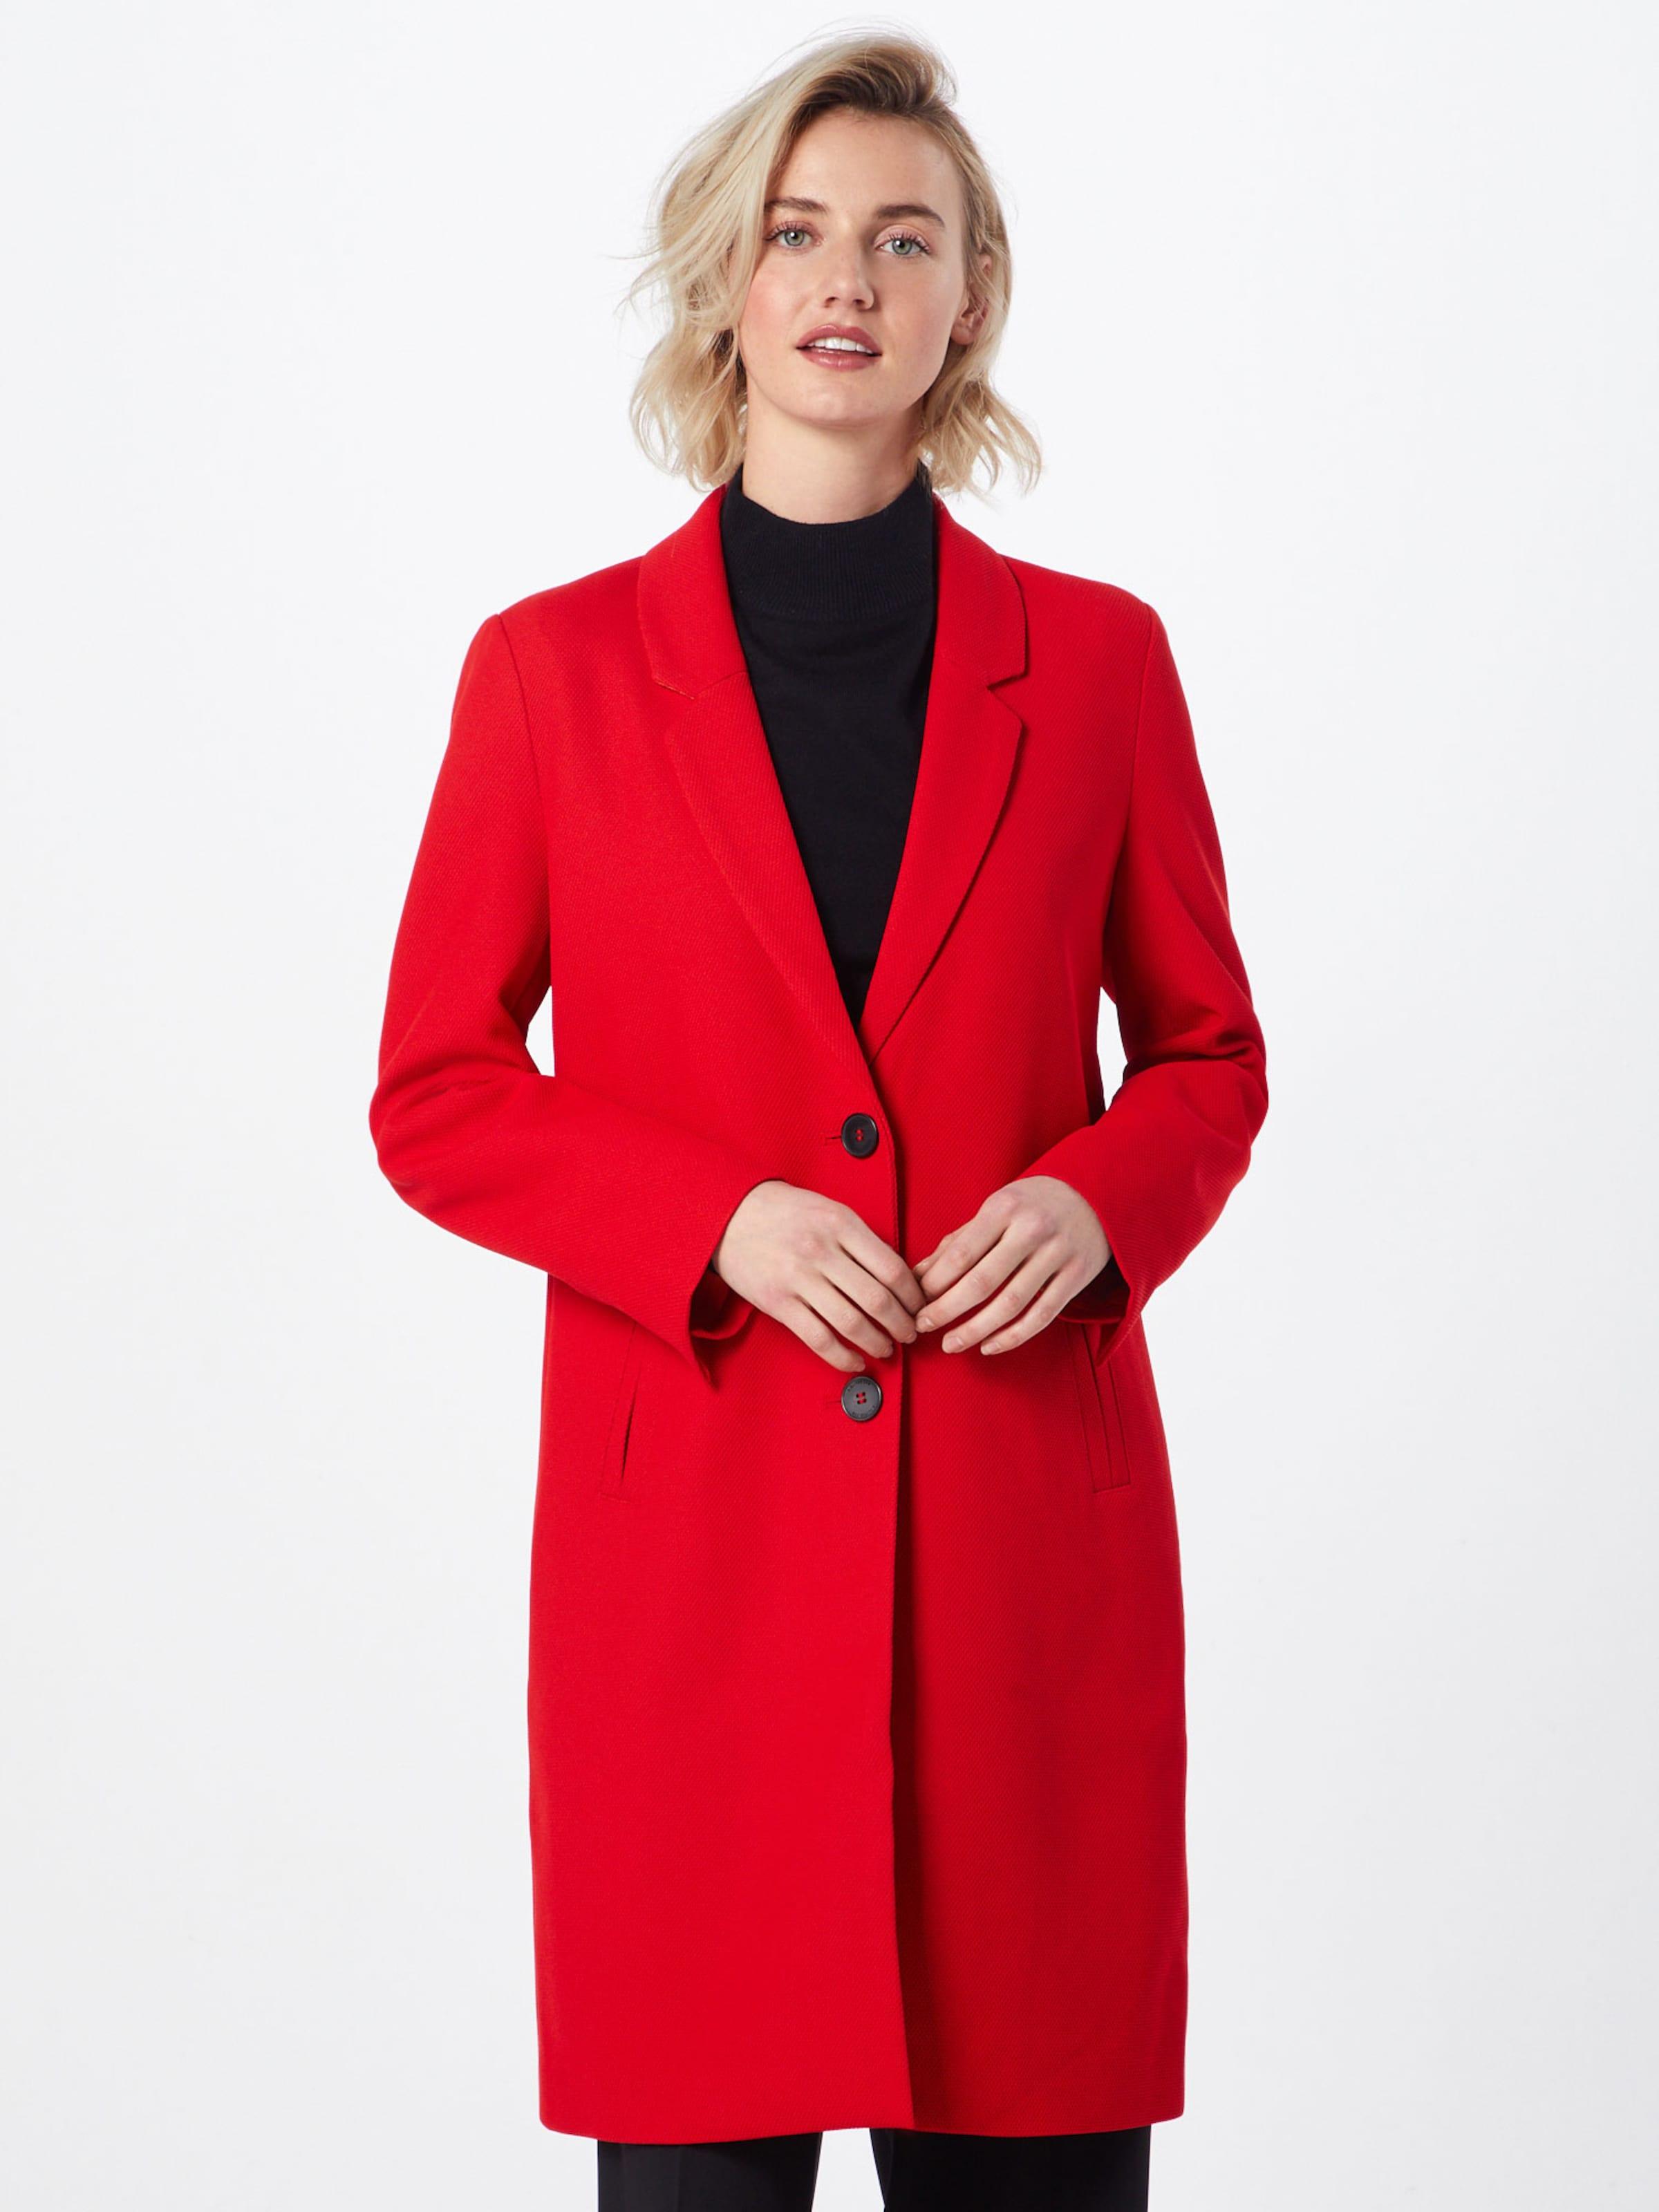 Manteau Red Rouge S Label En saison oliver Mi thdrsQ